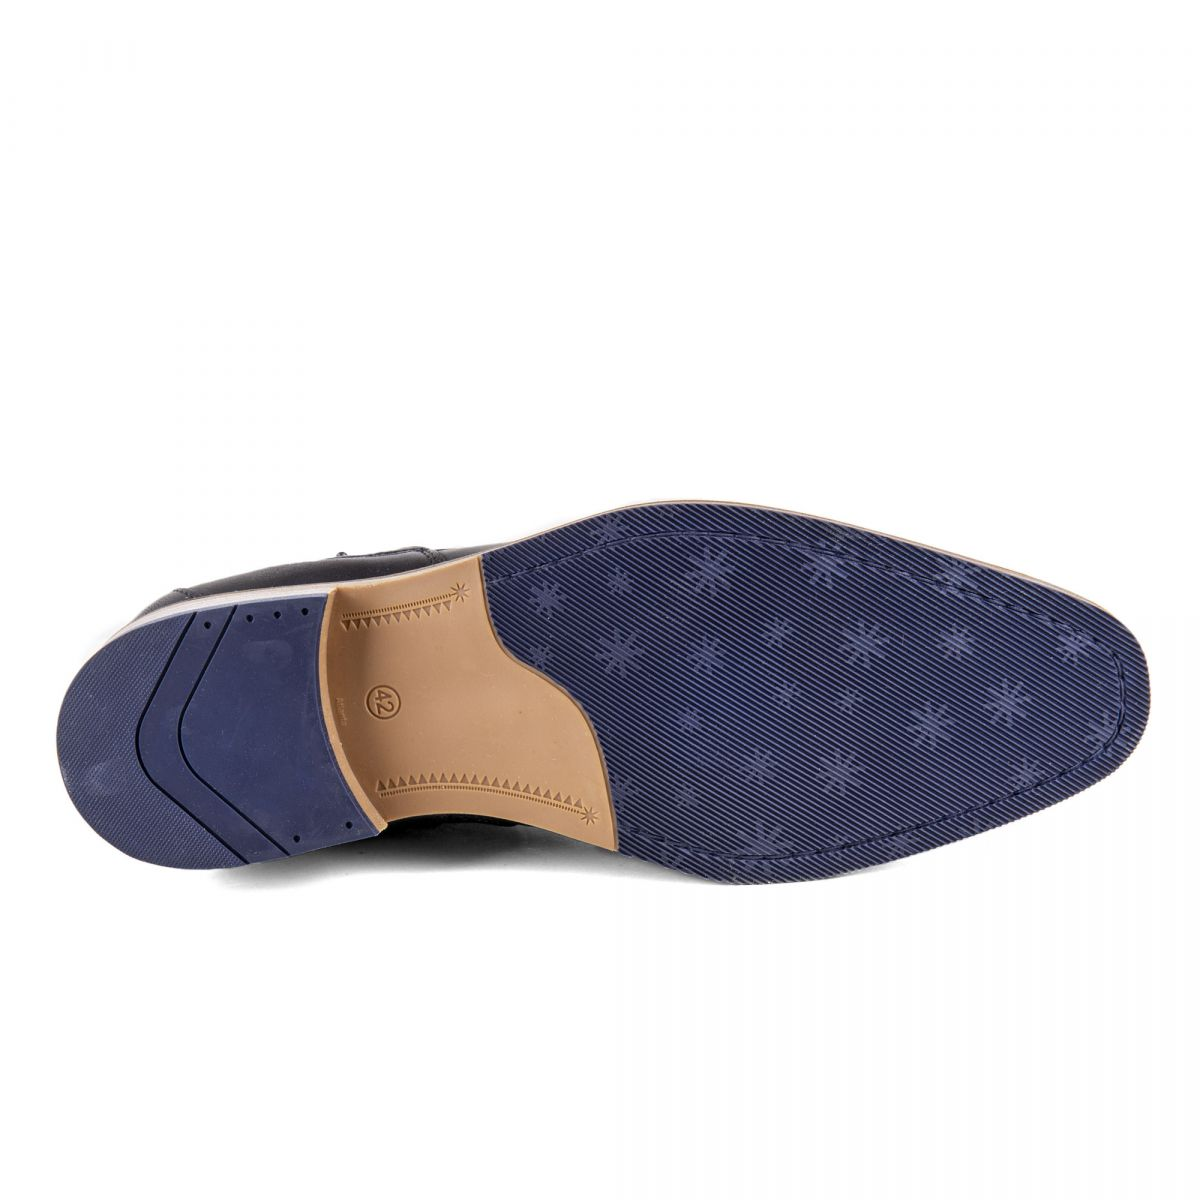 552f4073cd3 ... Chaussures Bottines noires cuir Homme PIERRE CARDIN marque pas cher prix  dégriffés destockage